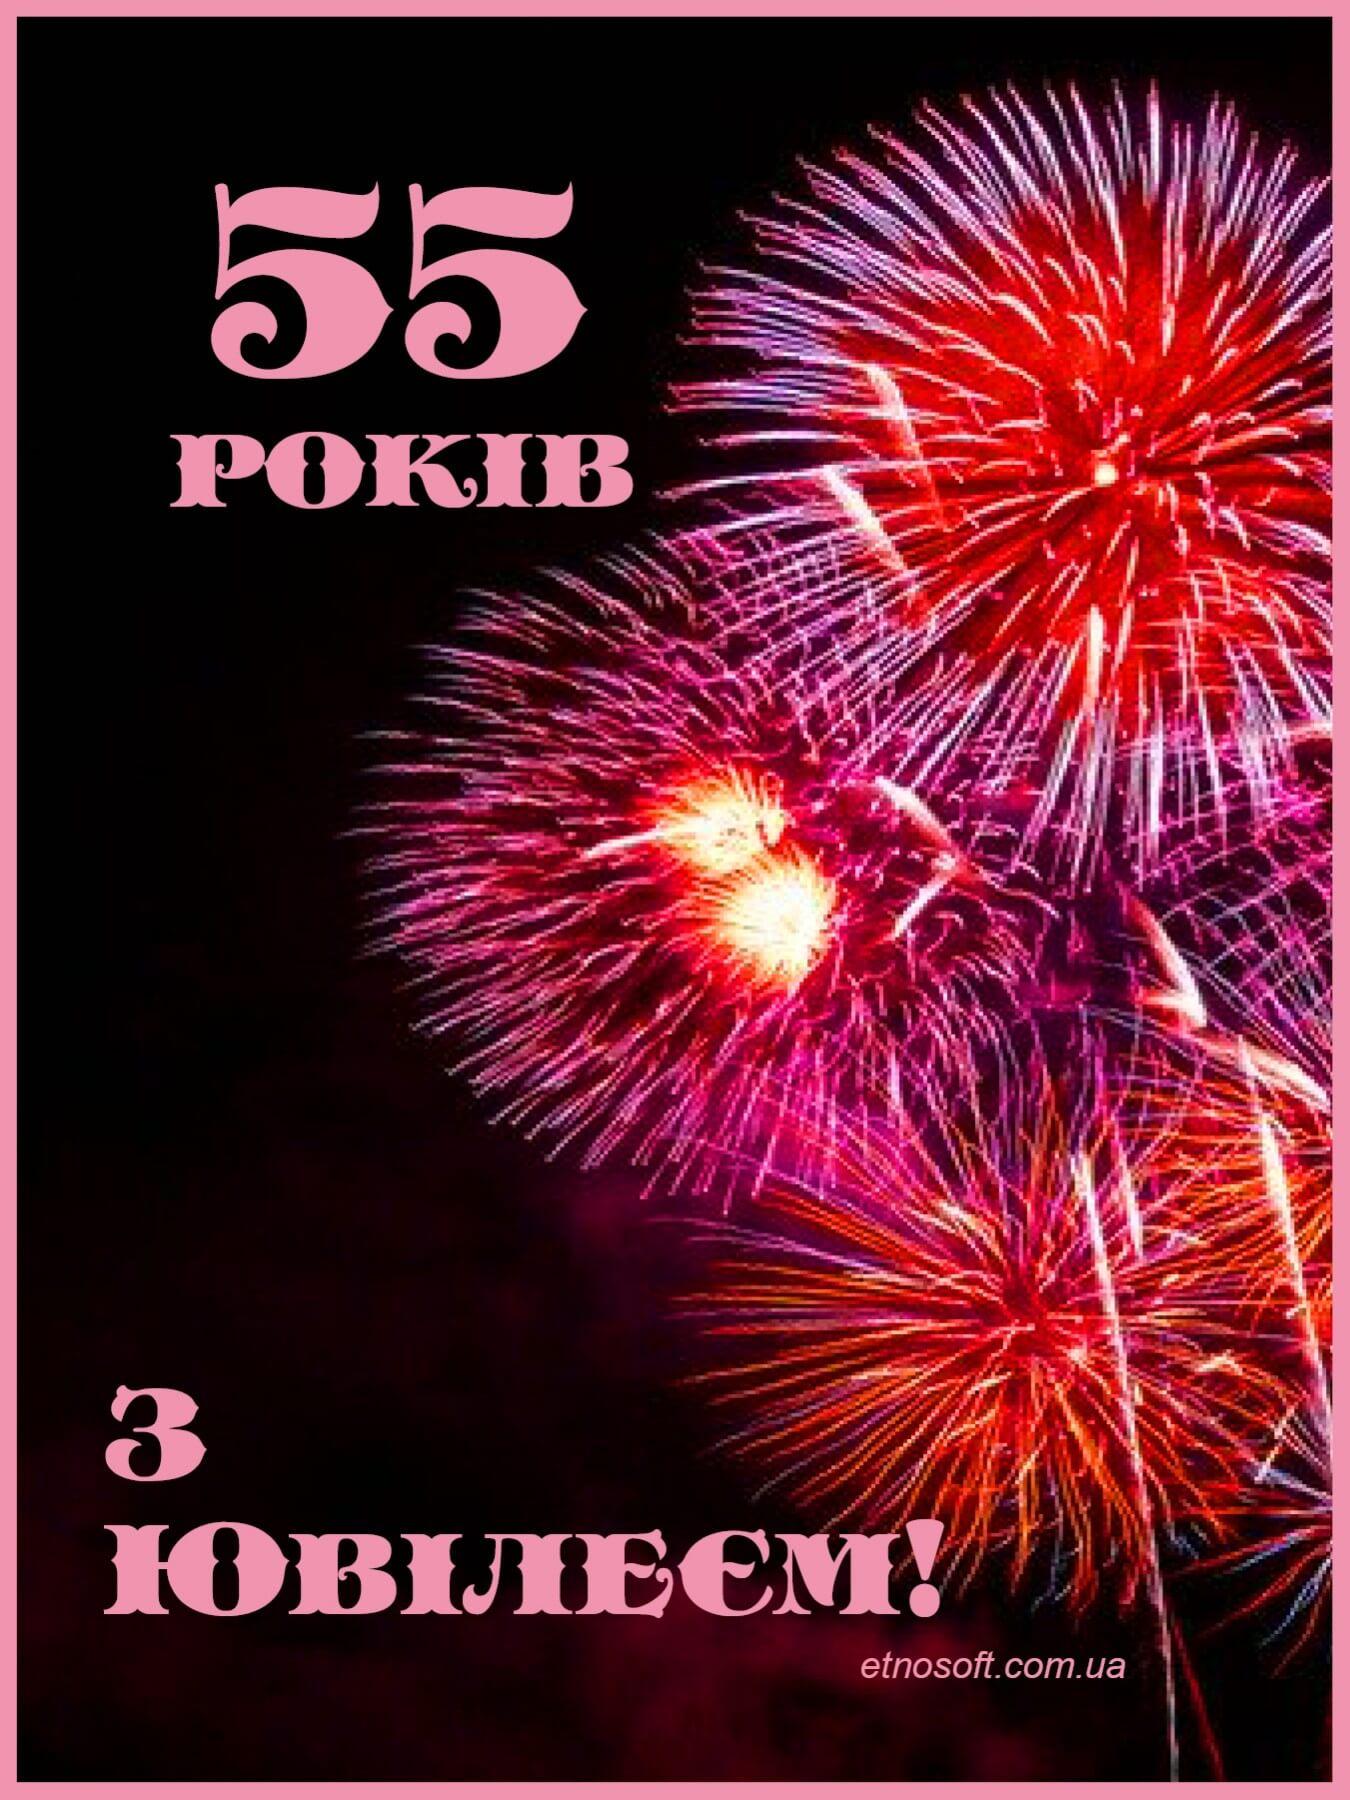 Вітальна листівка на Ювілей 55 років - гарна та мила картинка-привітання на ювілейний День Народження з 55 річчям